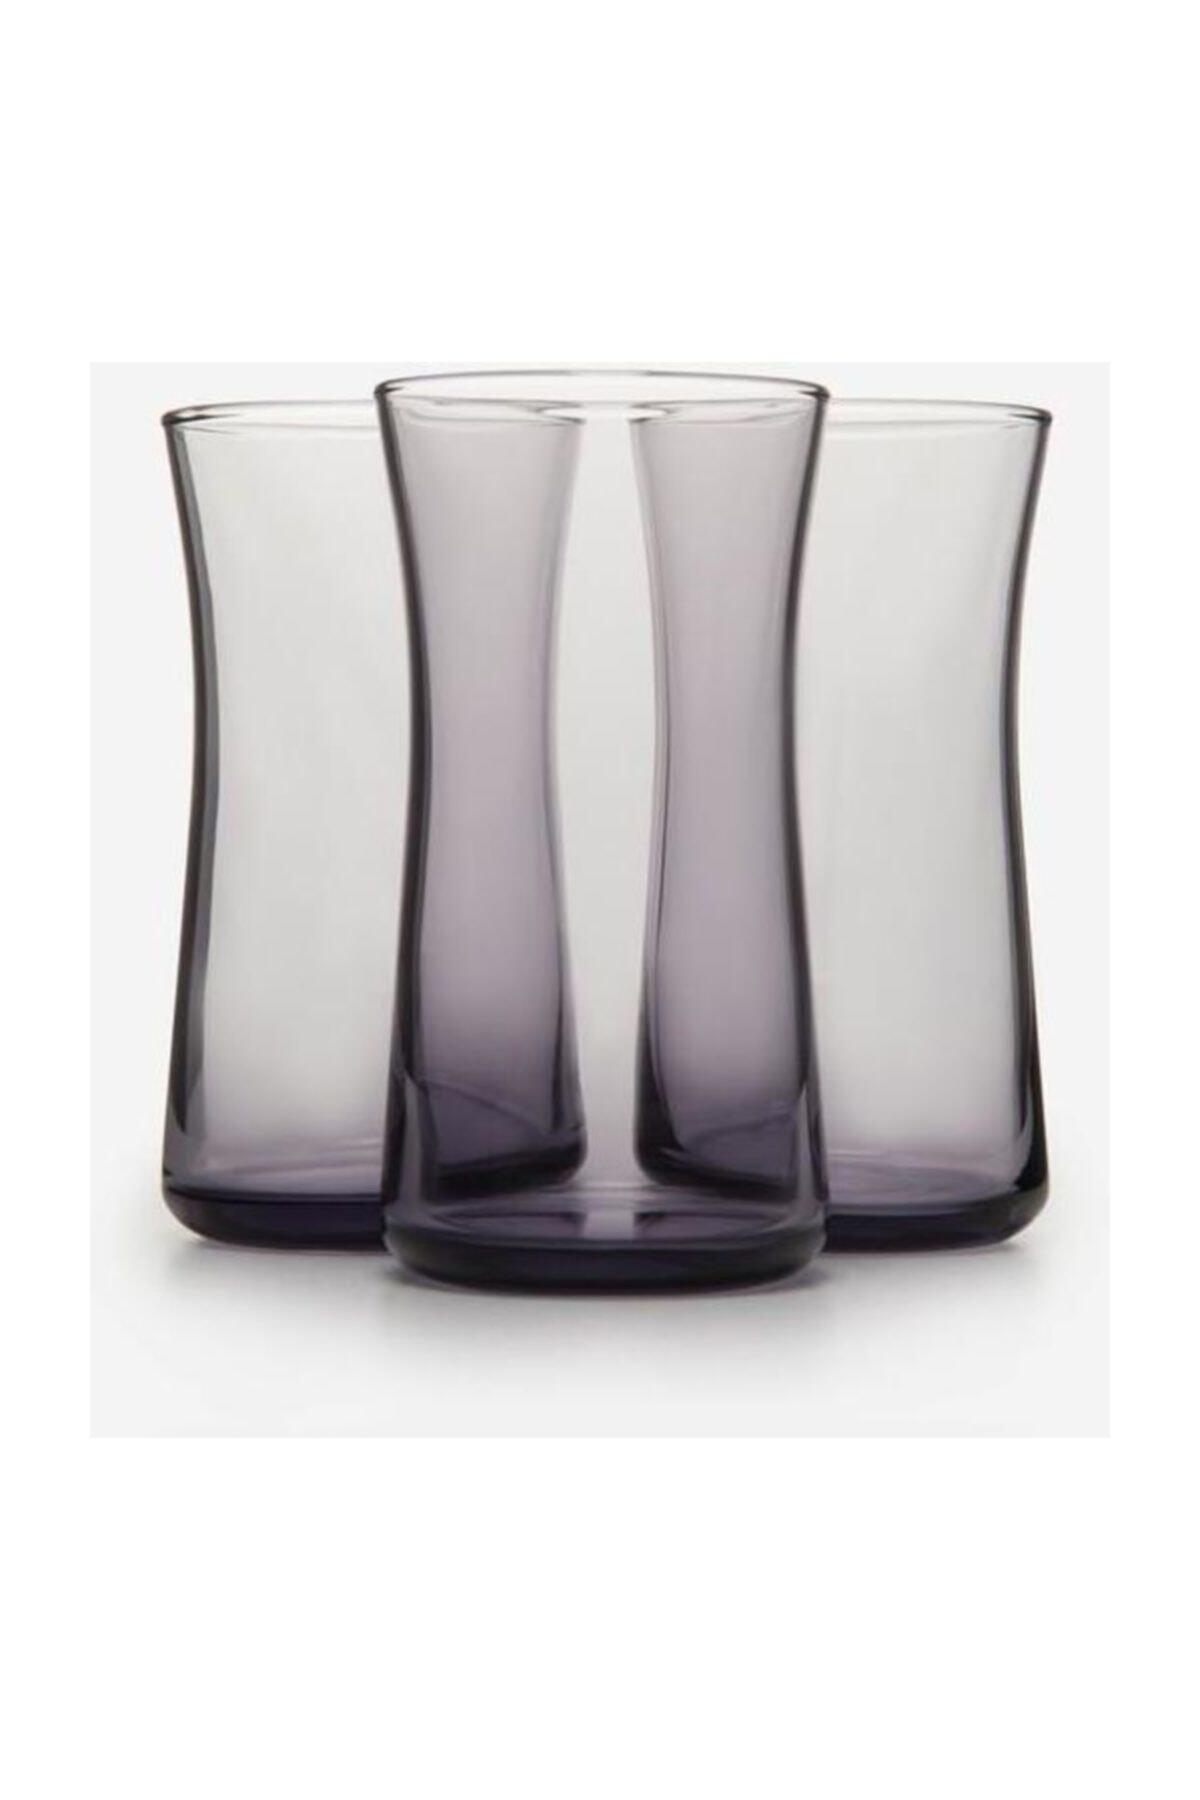 Paşabahçe 3'lü Haybeli Mor Meşrubat Bardağı 420845 1